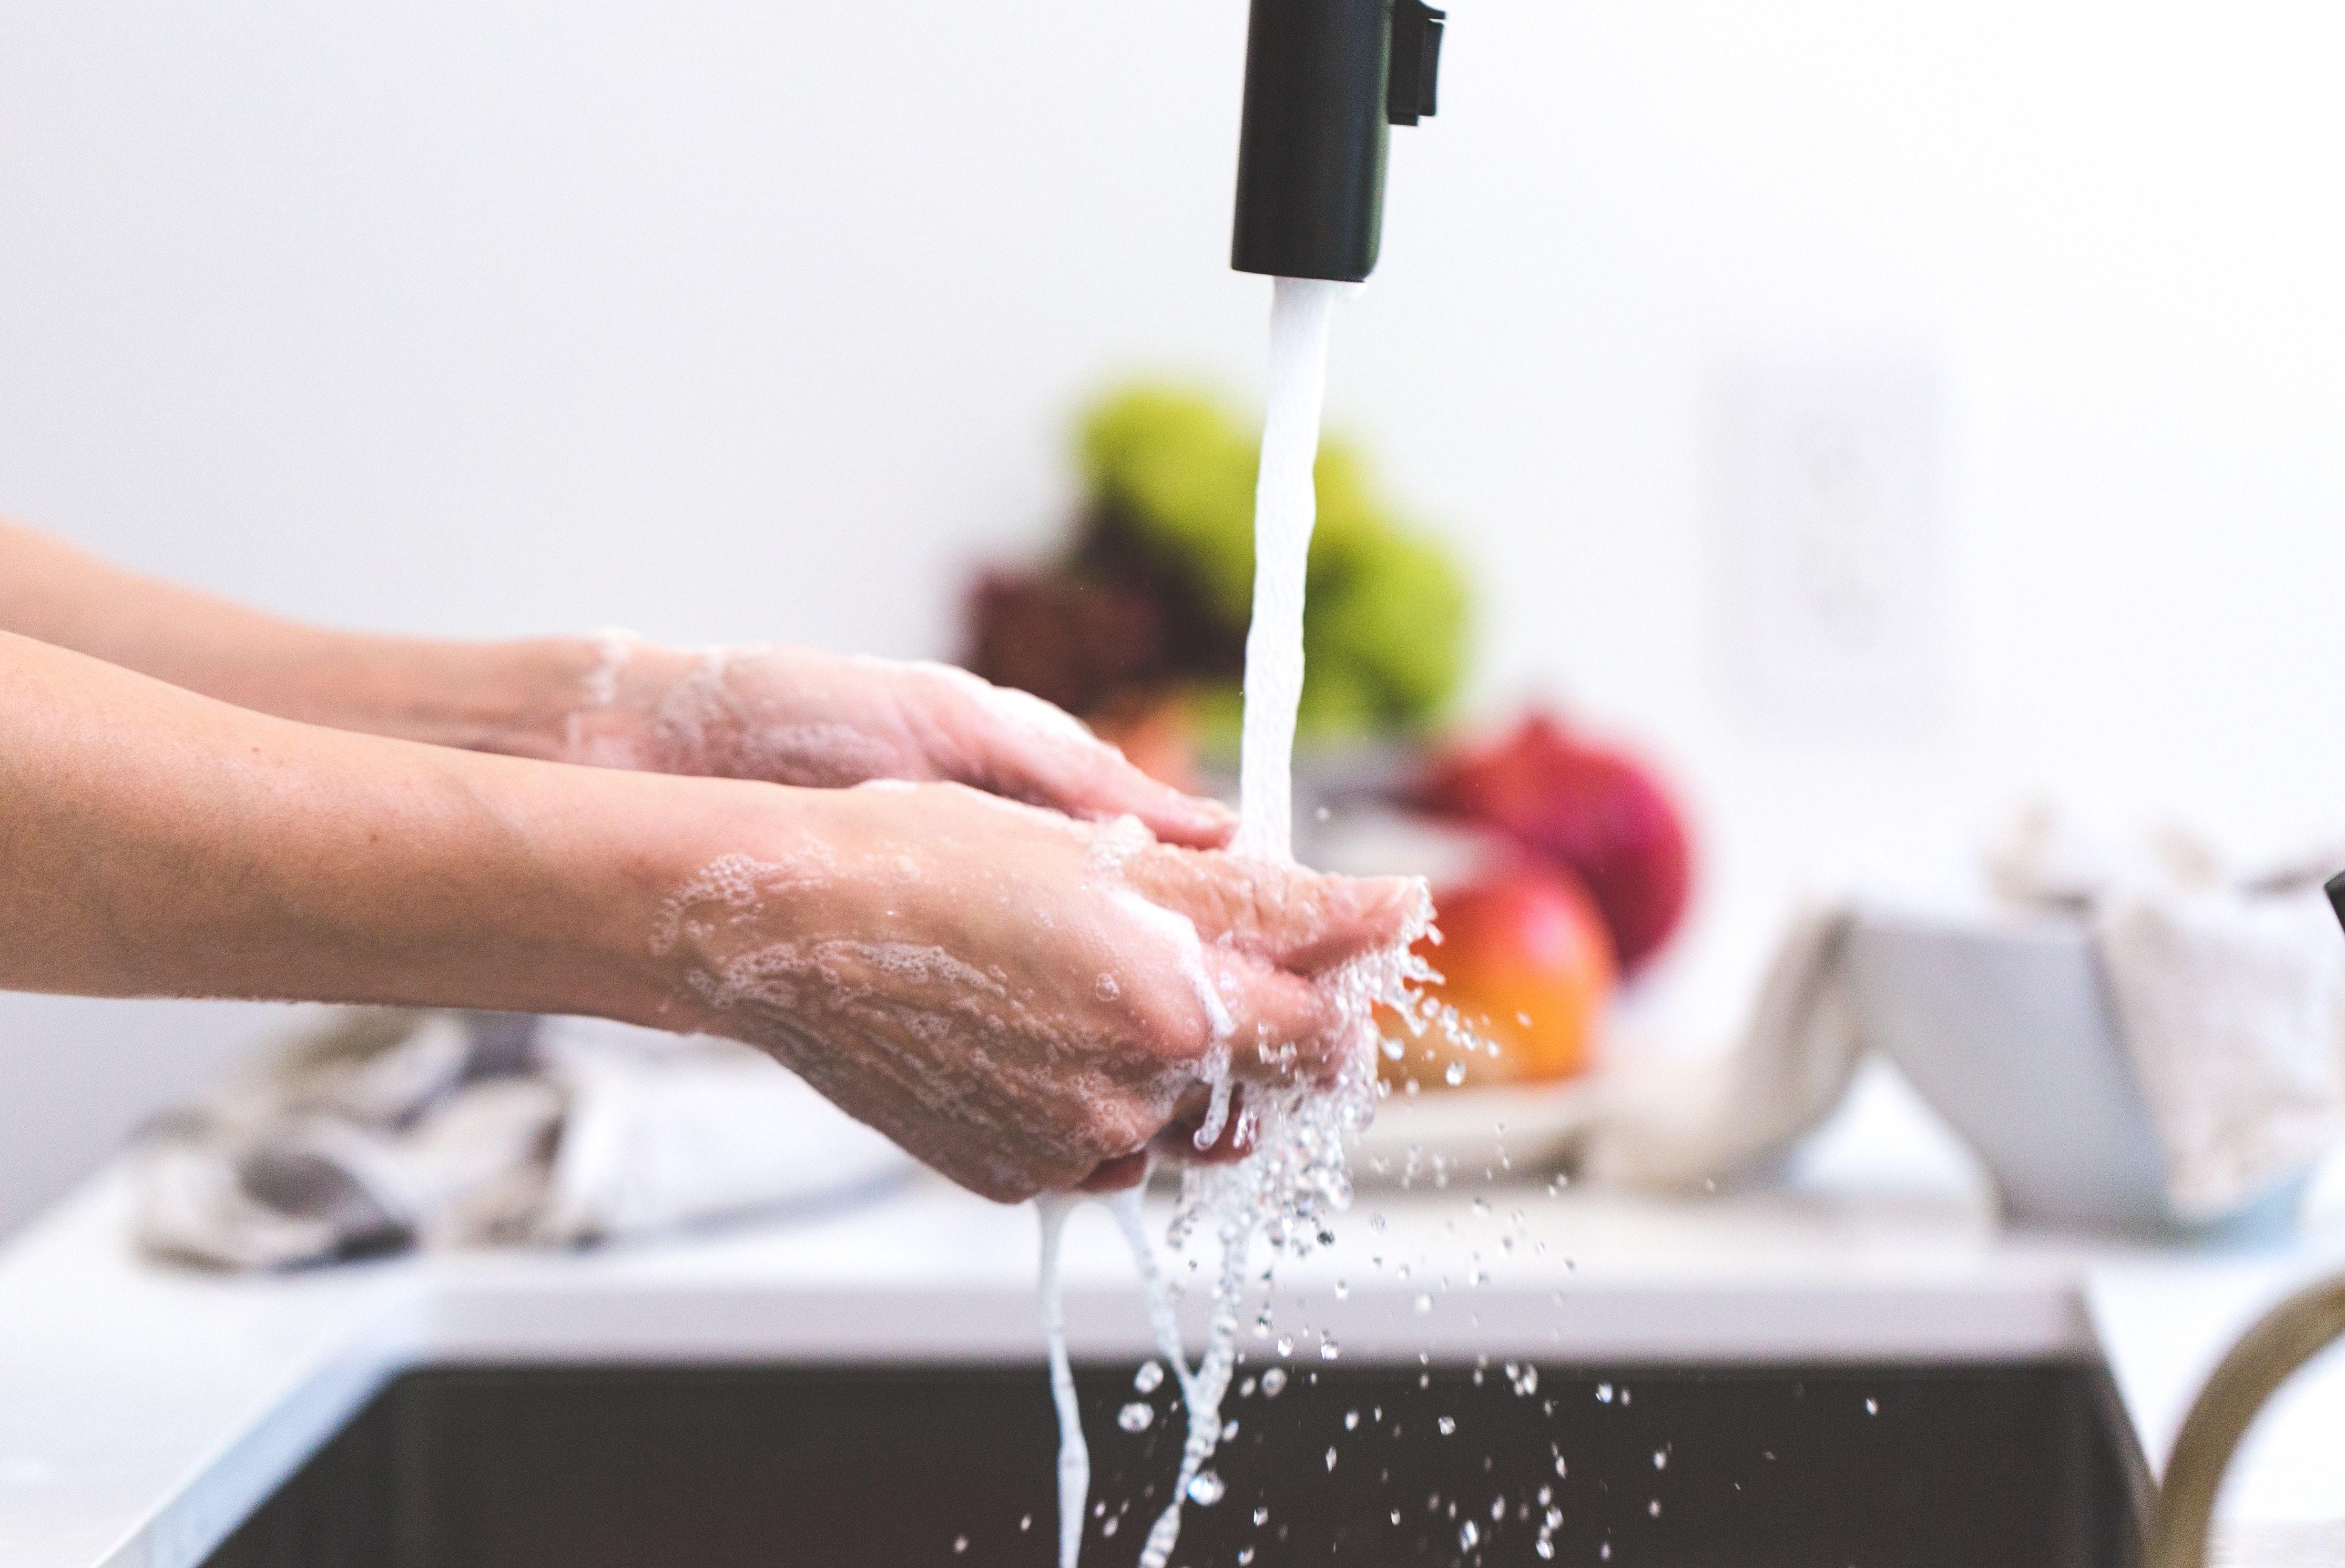 349939 hand%20washing%20 %20coronavirus cbc048 original 1584066132